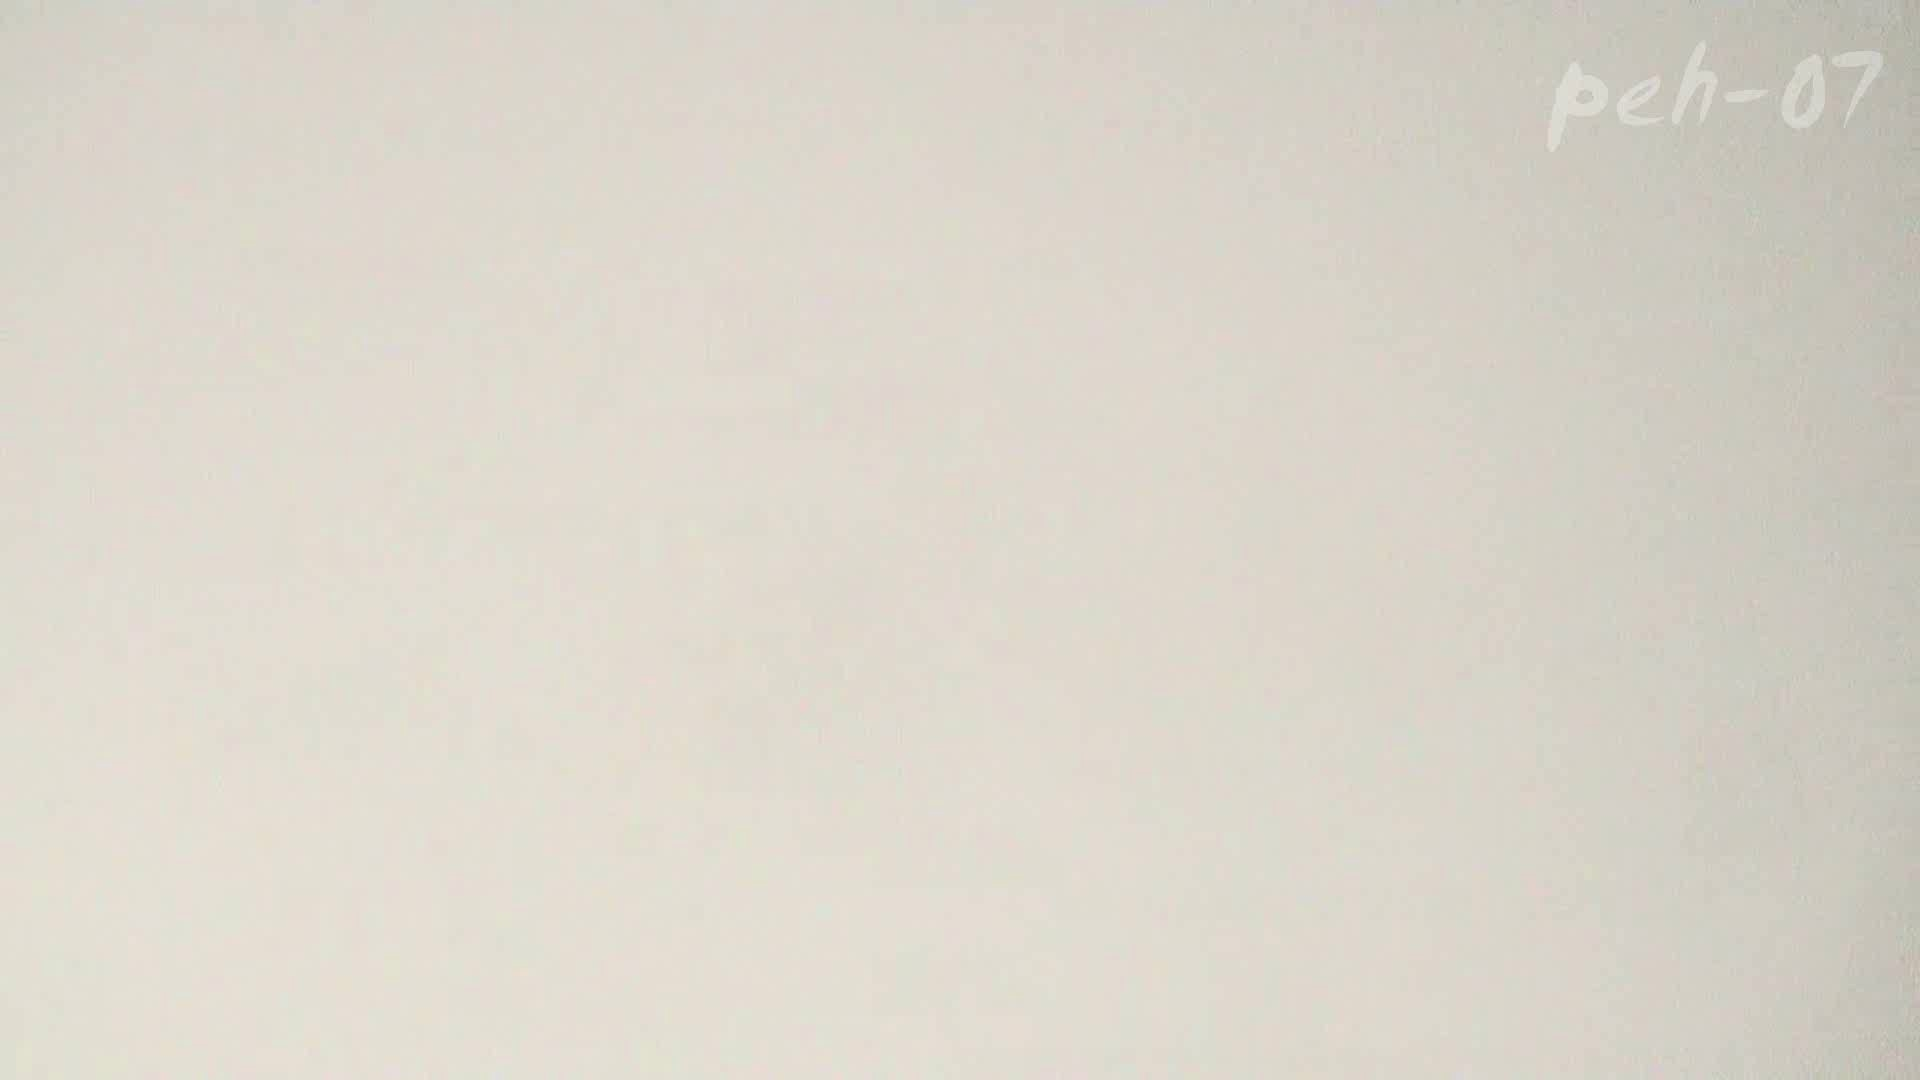 ※100個限定販売 至高下半身盗撮 プレミアム Vol.7 ハイビジョン エッチすぎるOL達 | 盗撮映像大放出  87連発 27